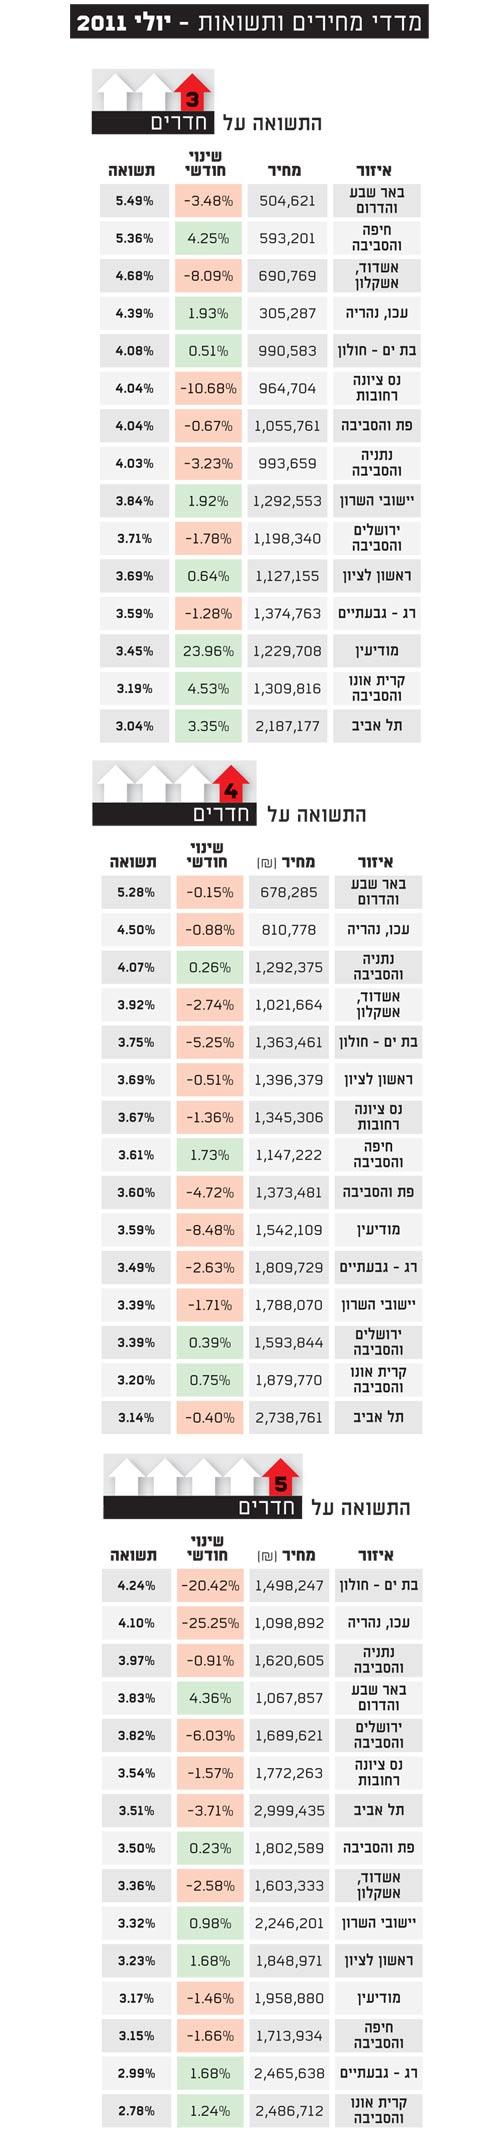 מדדי מחירים ותשואות יולי 2011